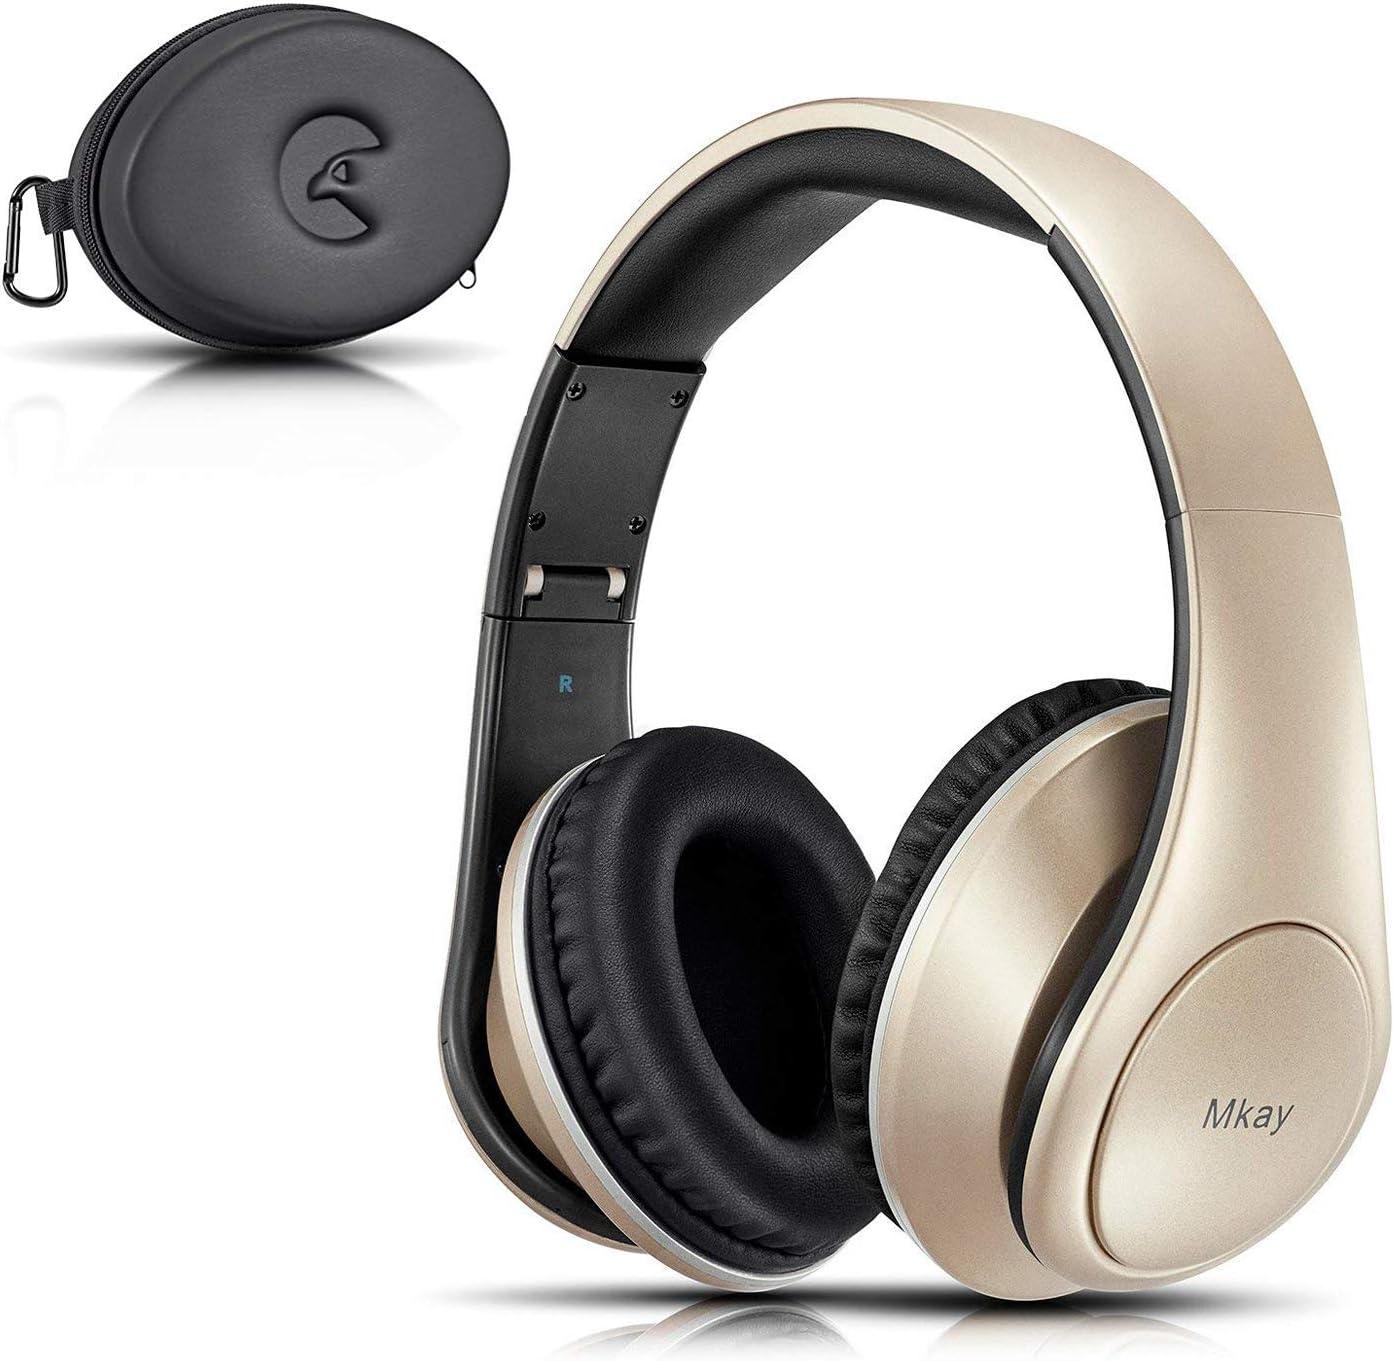 MKay オーバーイヤーヘッドホン Bluetooth 密閉型 高音質 ワイヤレスヘッドフォン Bluetooth V4.2 25時間音楽再生 1.5時間の高速充電 折りたたみ式 マイク内蔵 スマホ・タブレット・パソコンに対応 (ゴールド)